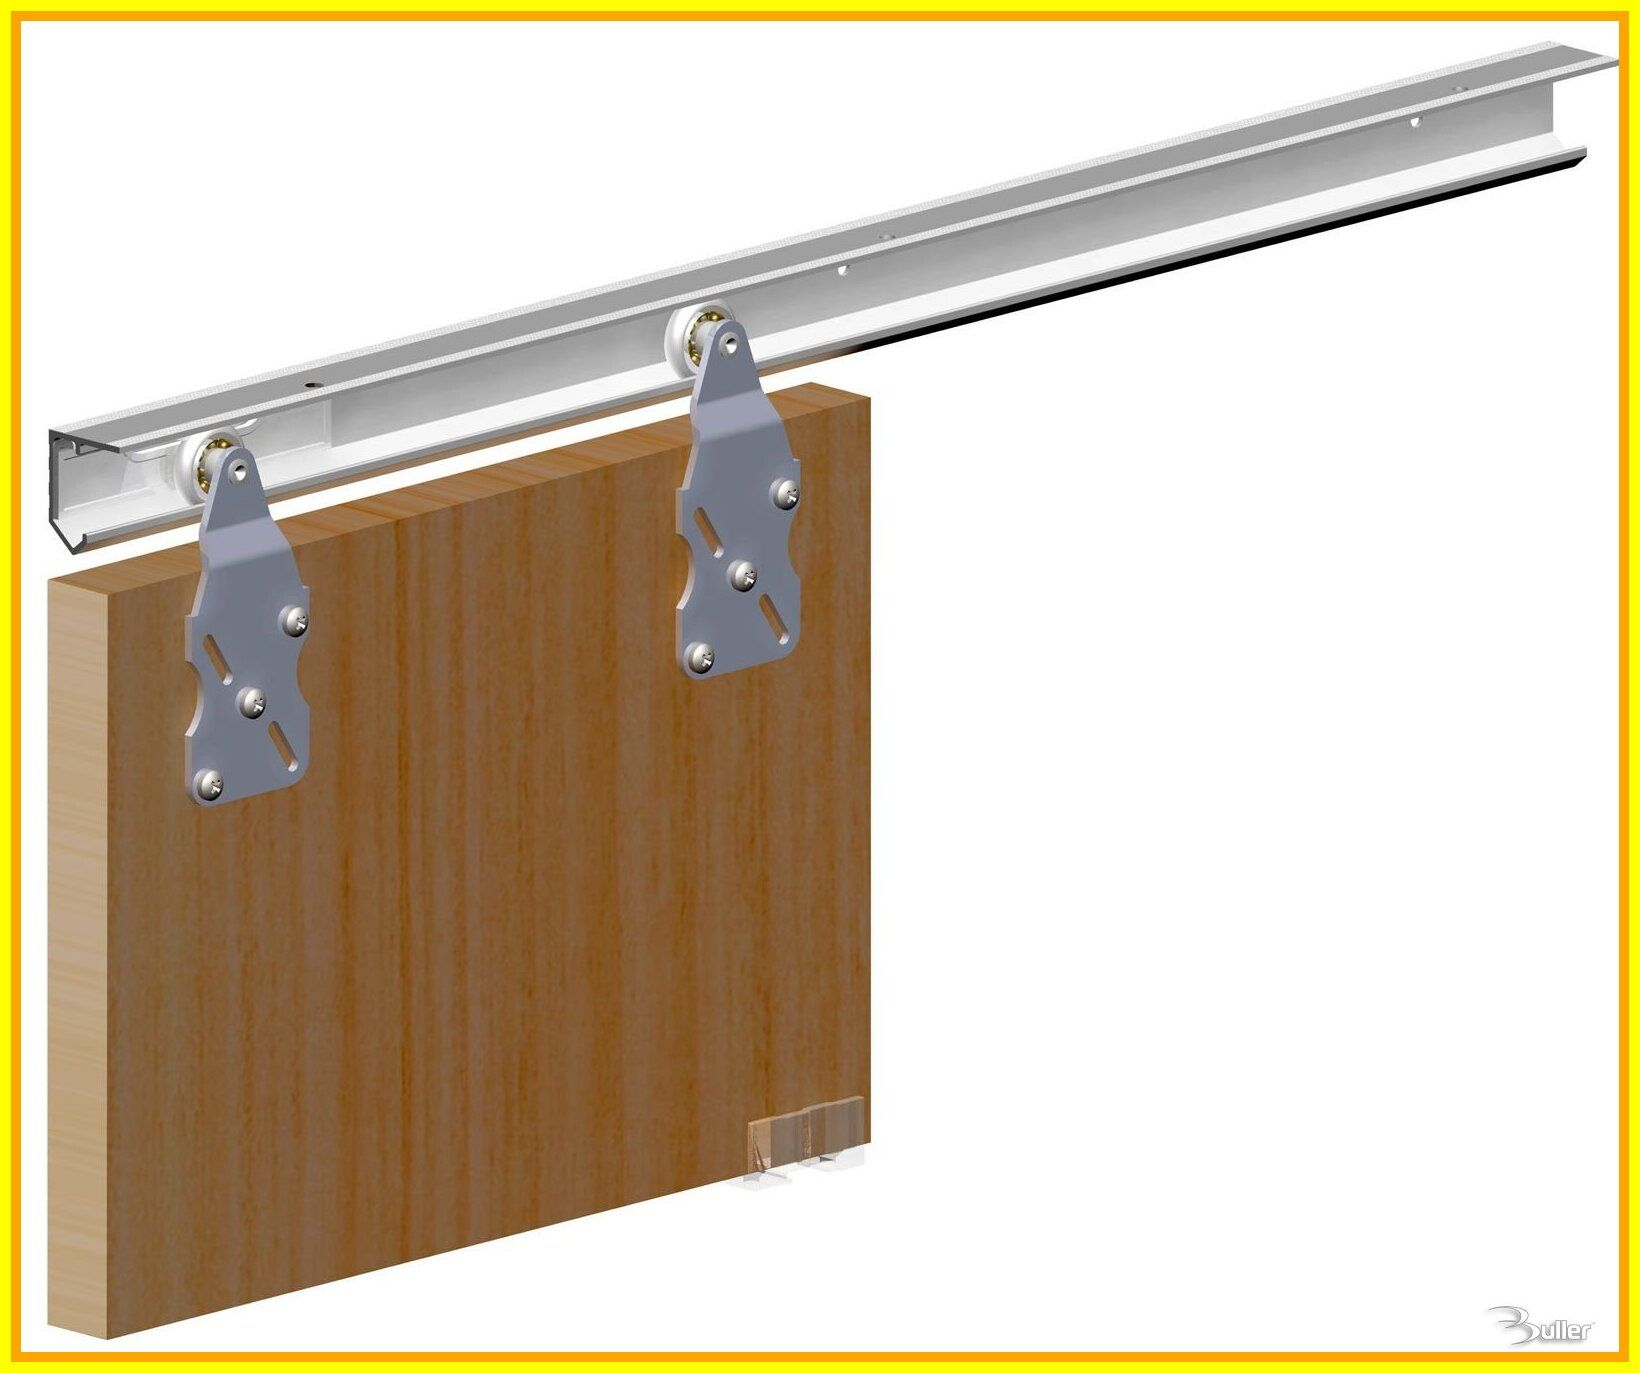 44 Reference Of Door Sliding Track System In 2020 Sliding Tracks Kitchen Sink Strainer Replacing Kitchen Sink